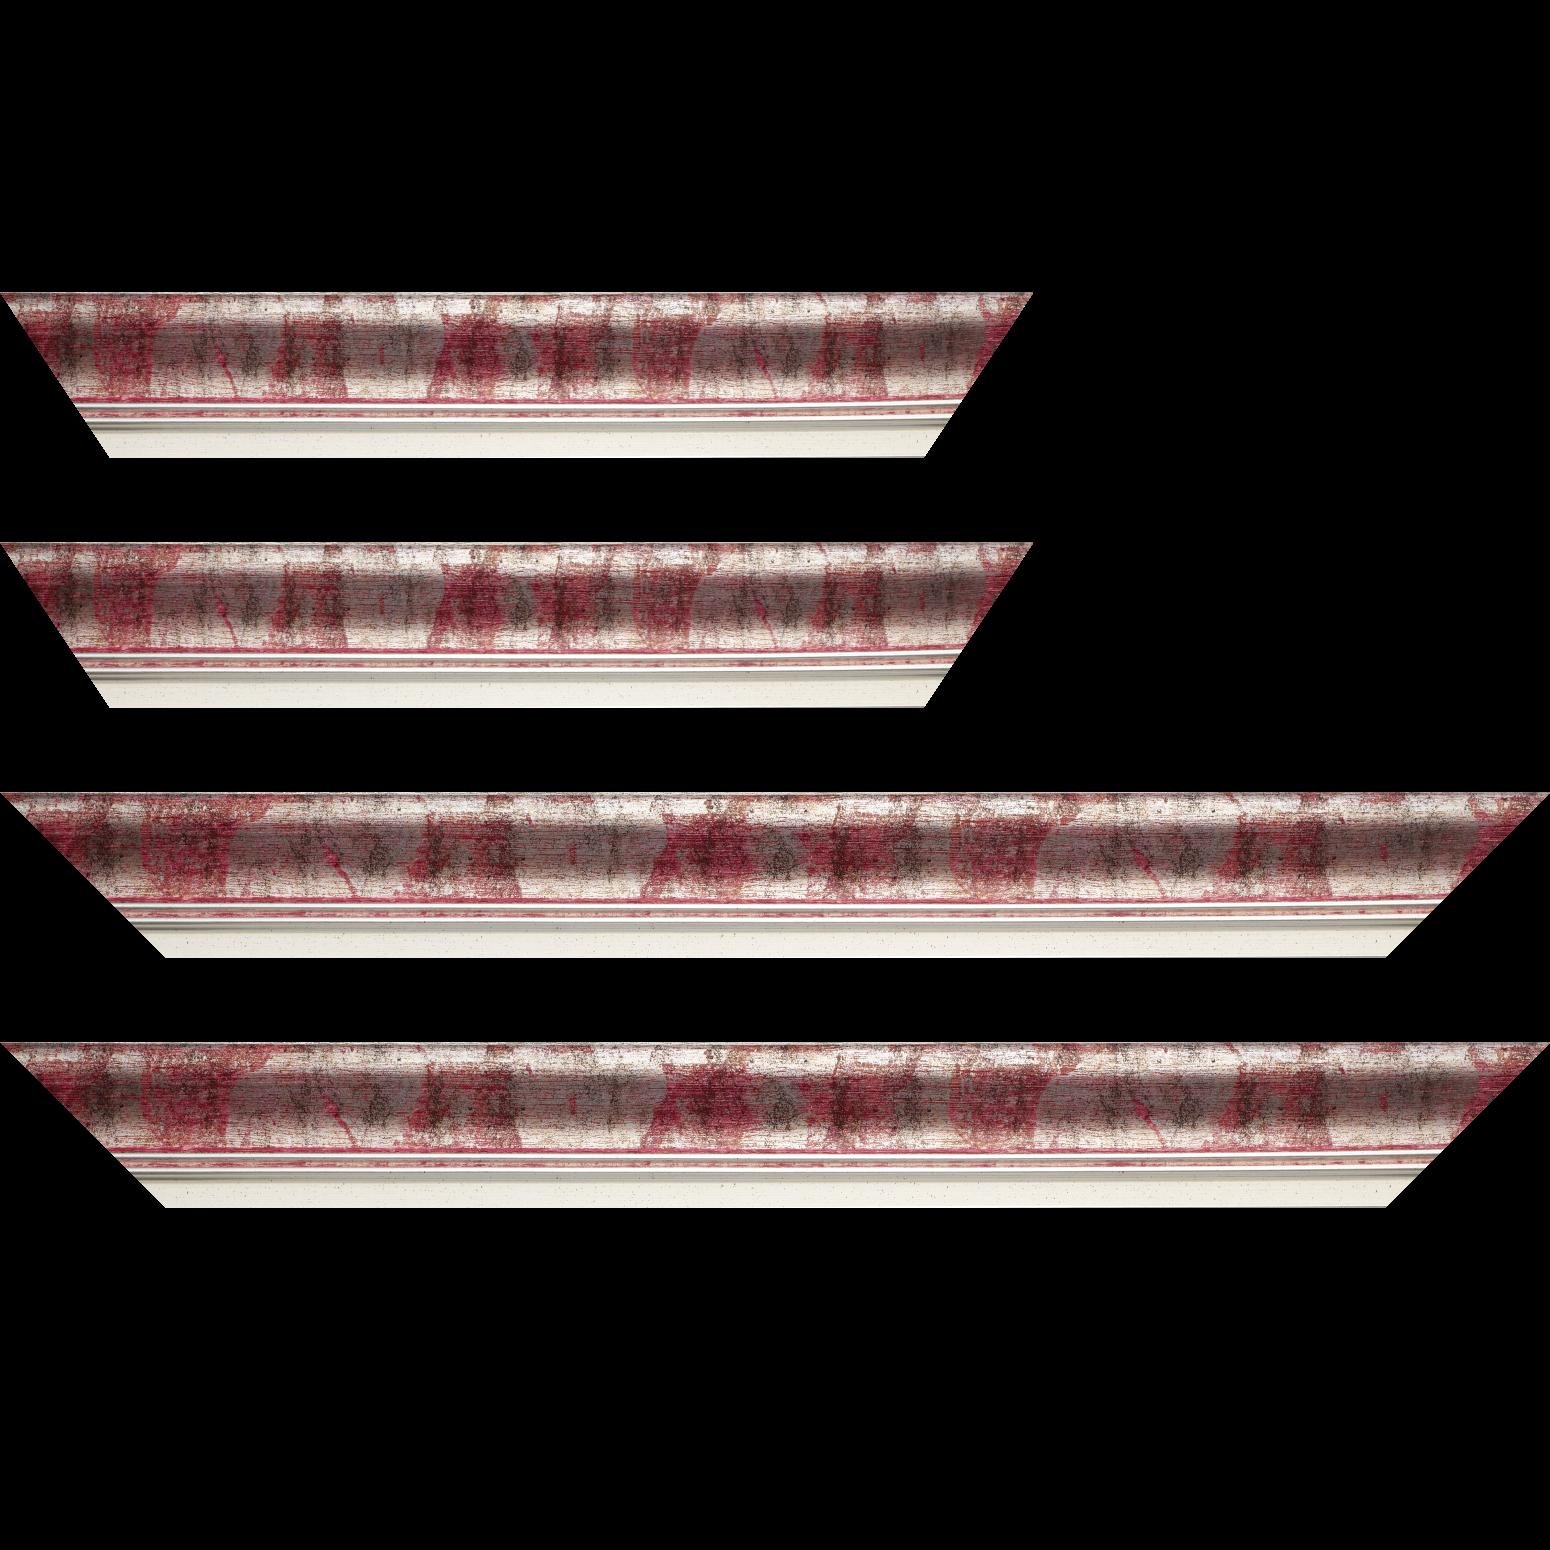 Baguette service précoupé Bois profil incurvé largeur 5.7cm de couleur rose fushia fond argent marie louise blanche mouchetée filet argent intégré